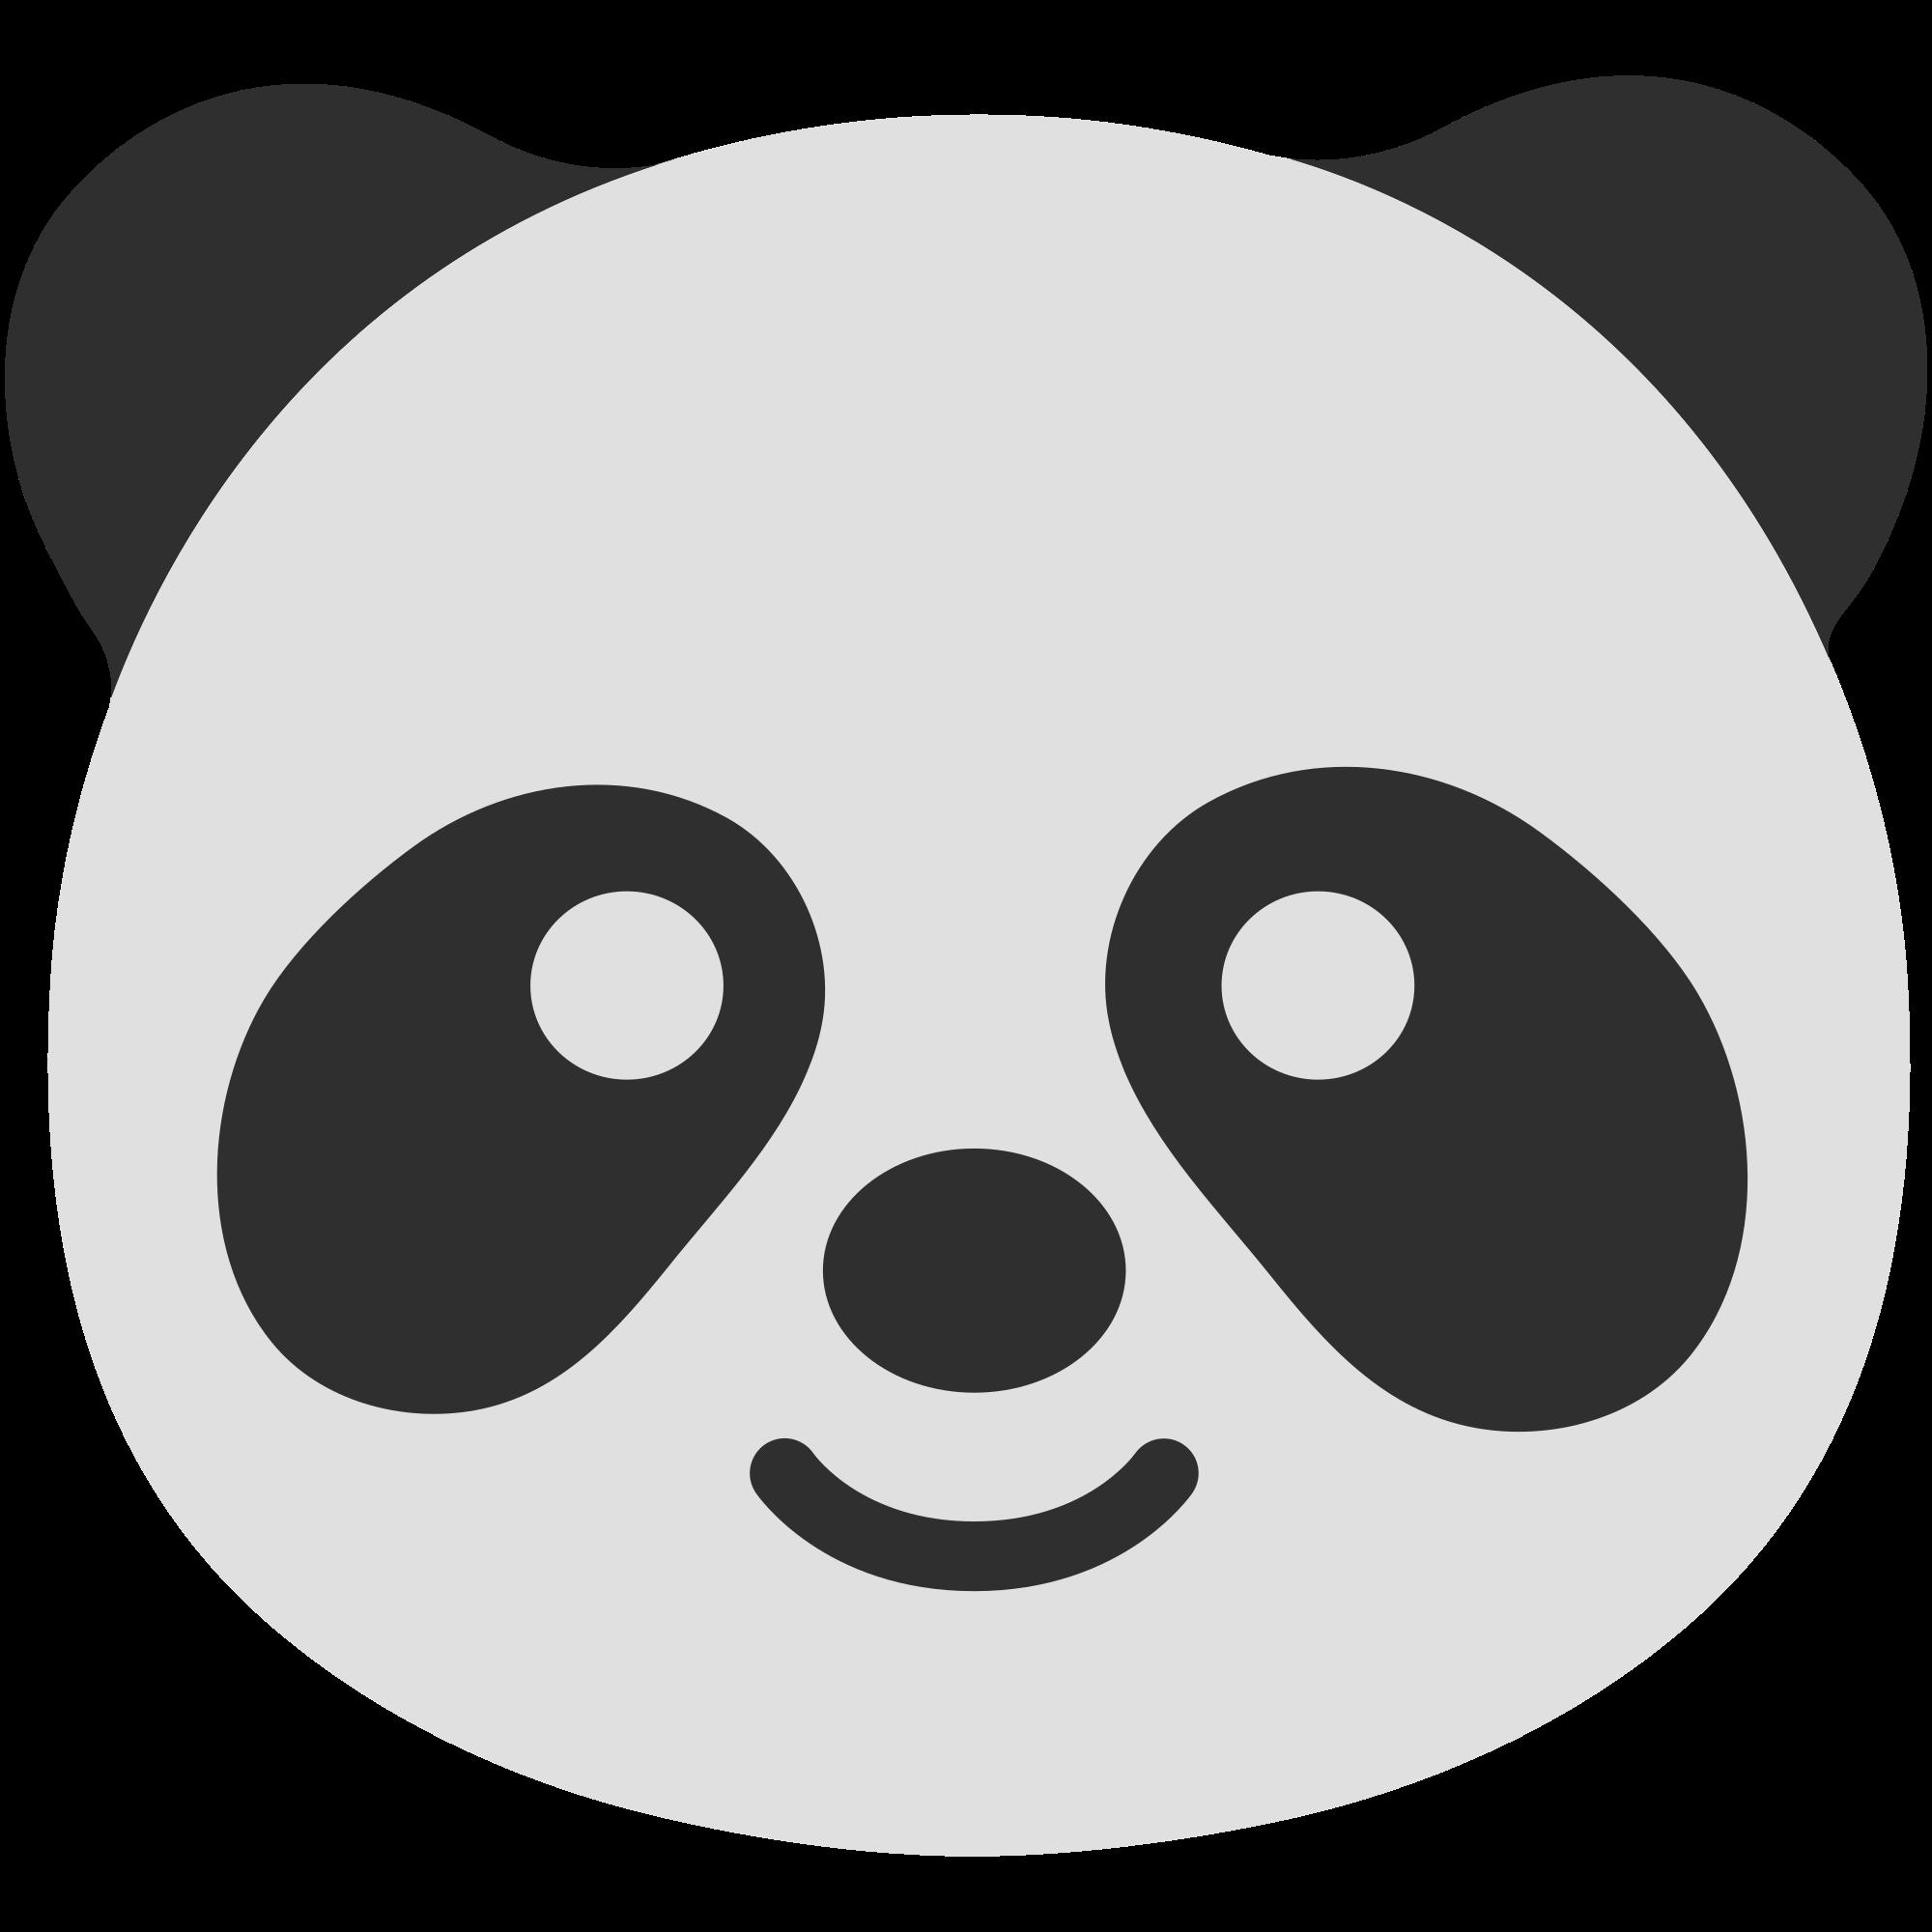 Emoji clipart bear. File u f c